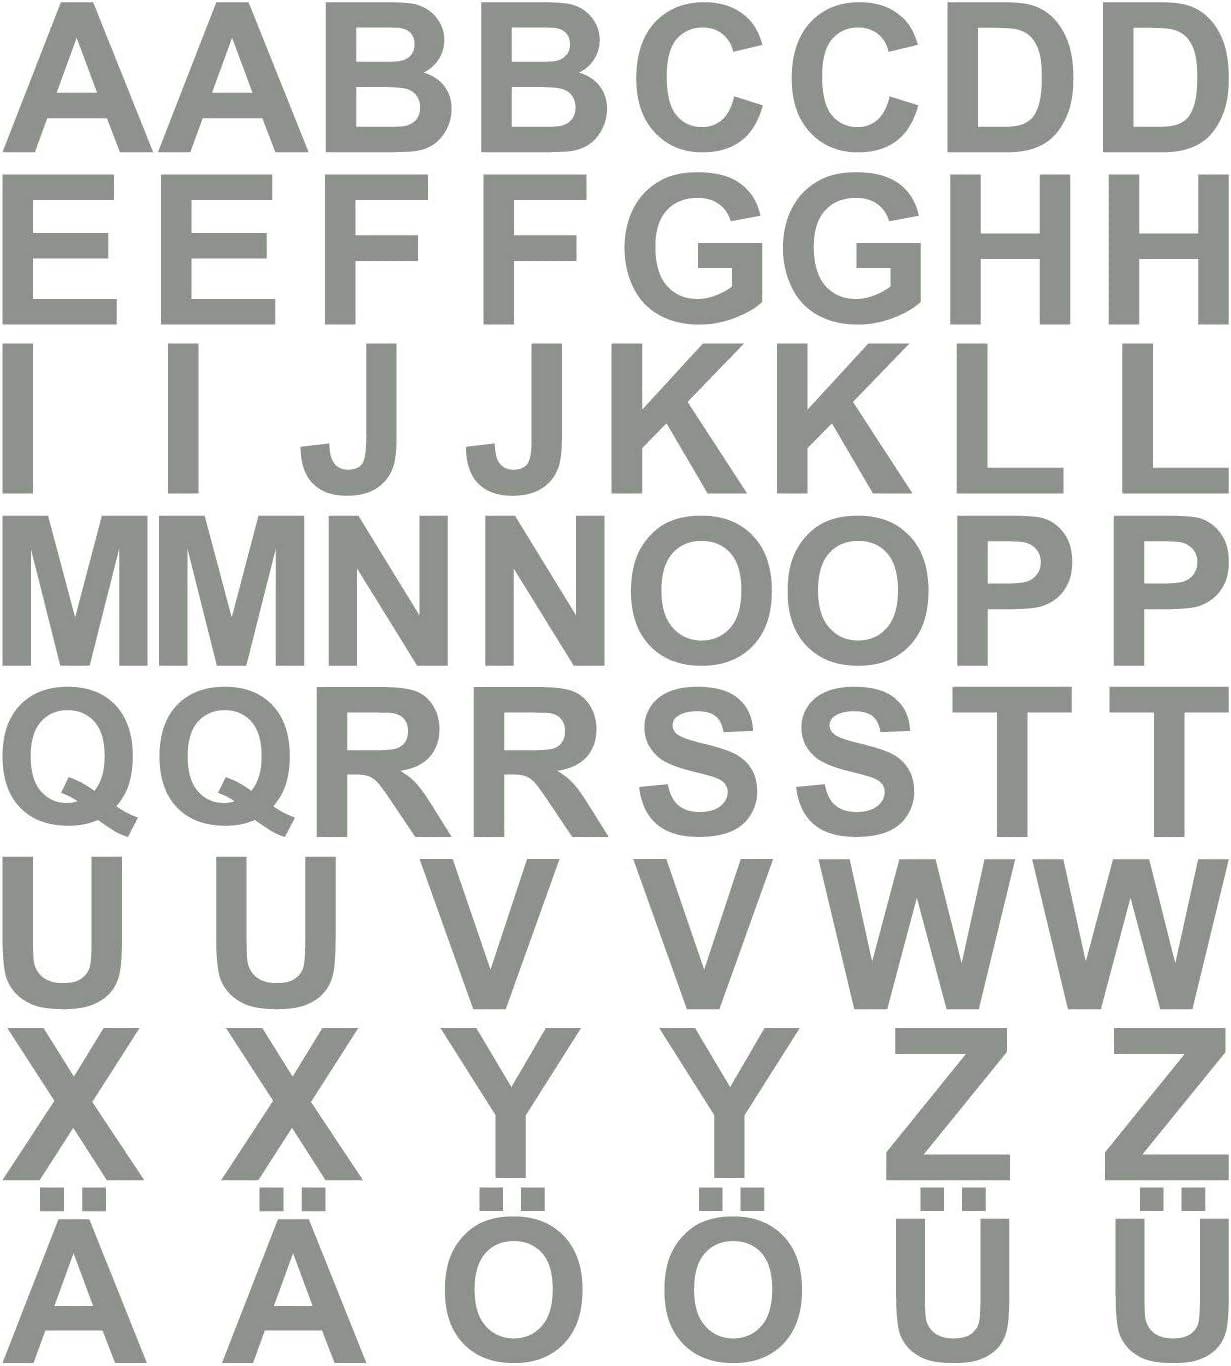 Kleb Drauf 58 Buchstaben Höhe Je 5 Cm Grau Matt Autoaufkleber Autosticker Decal Aufkleber Sticker Auto Car Motorrad Fahrrad Roller Bike Deko Tuning Stickerbomb Styling Wrapping Auto